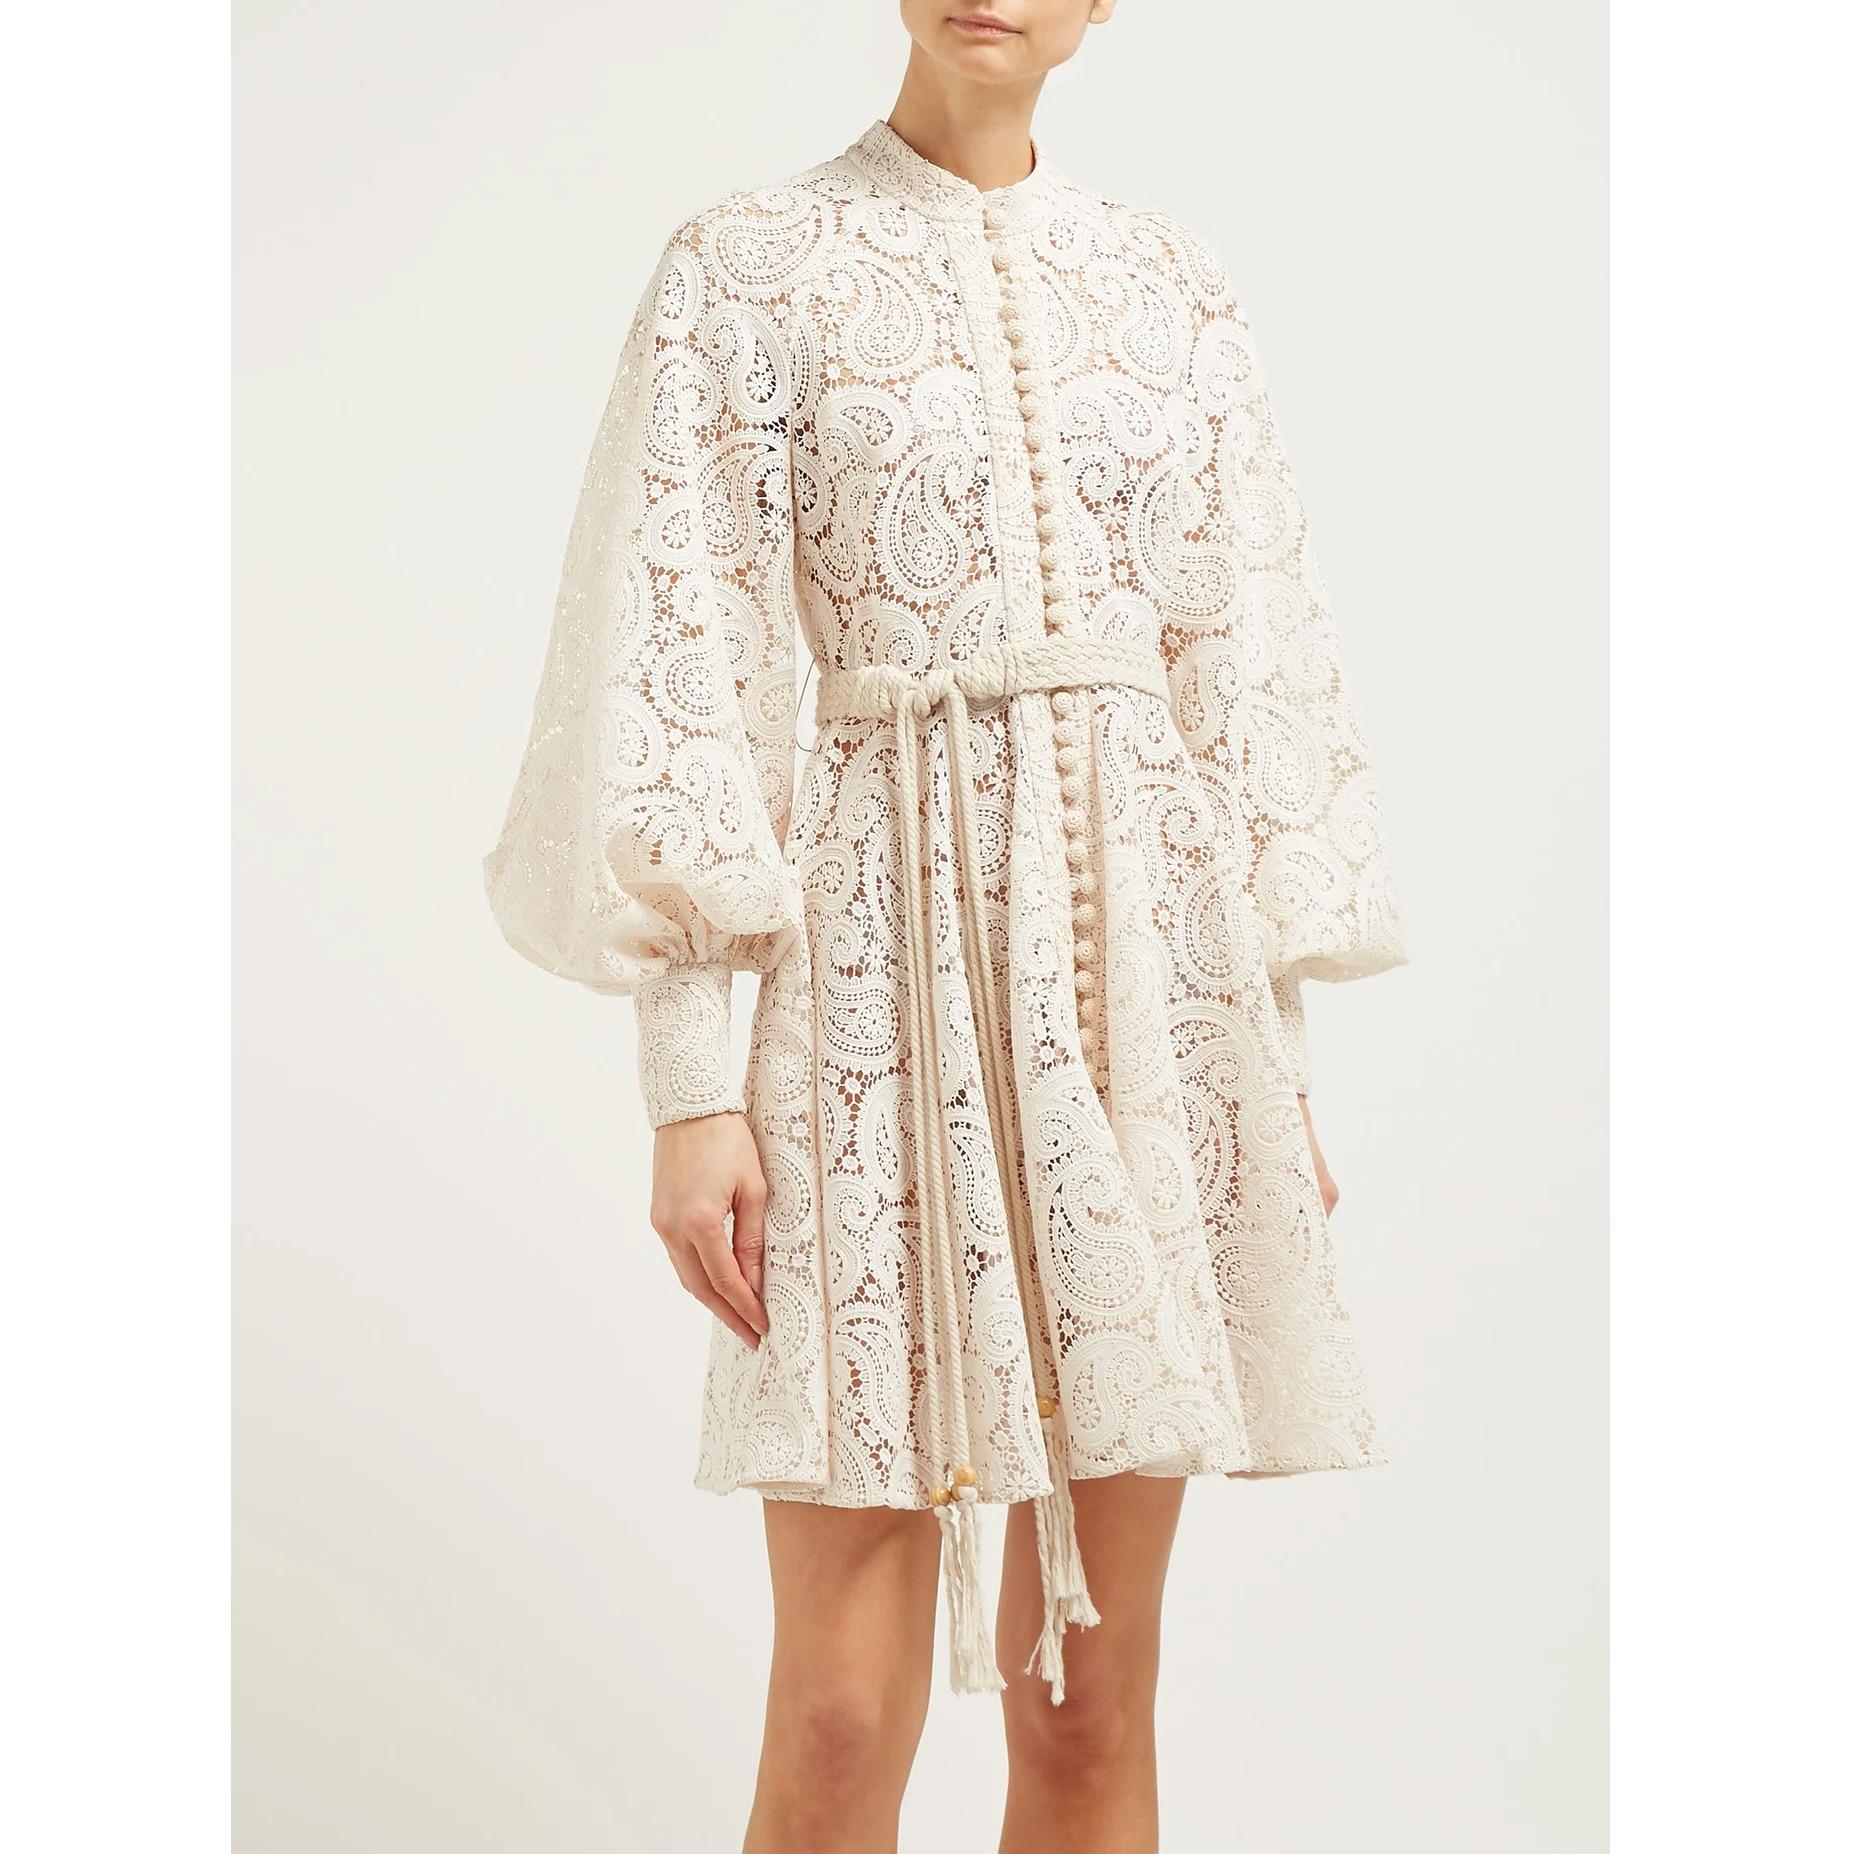 Amari 페이즐리 크로 셰 뜨개질 미니 드레스 하이 엔드 사용자 정의 레이스 꽃 드레스 절묘한 긴 소매 드레스 투피스 세트-에서드레스부터 여성 의류 의  그룹 1